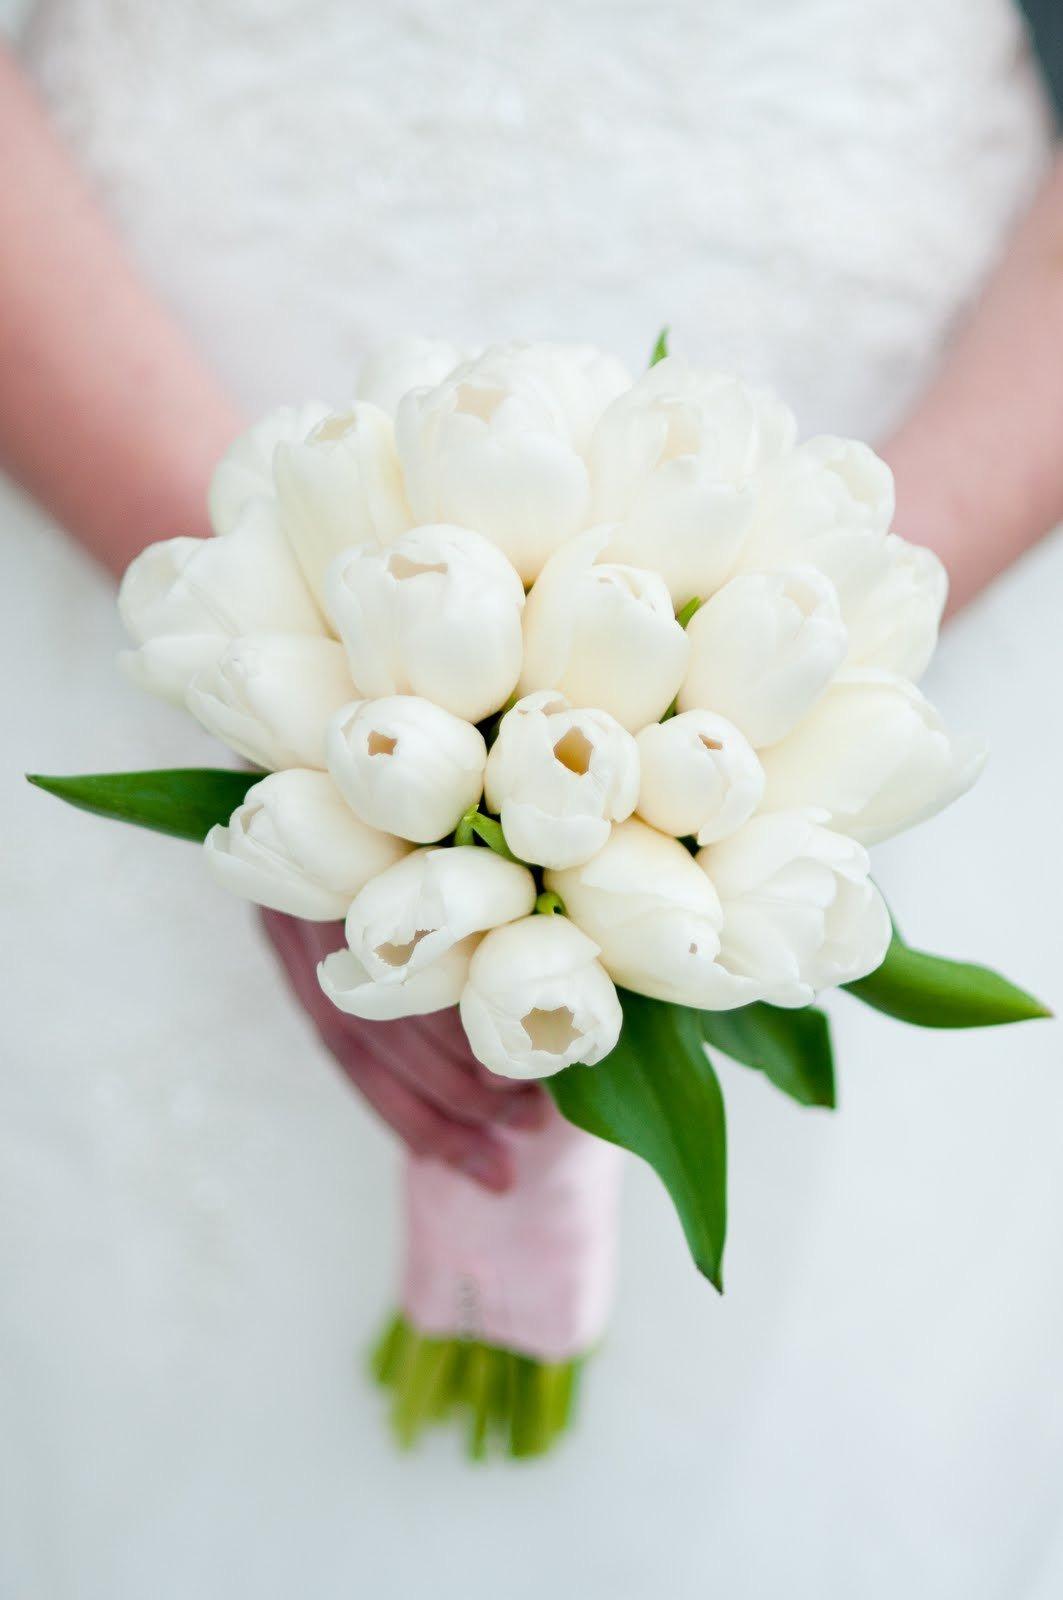 Сколько тюльпанов в свадебном букете